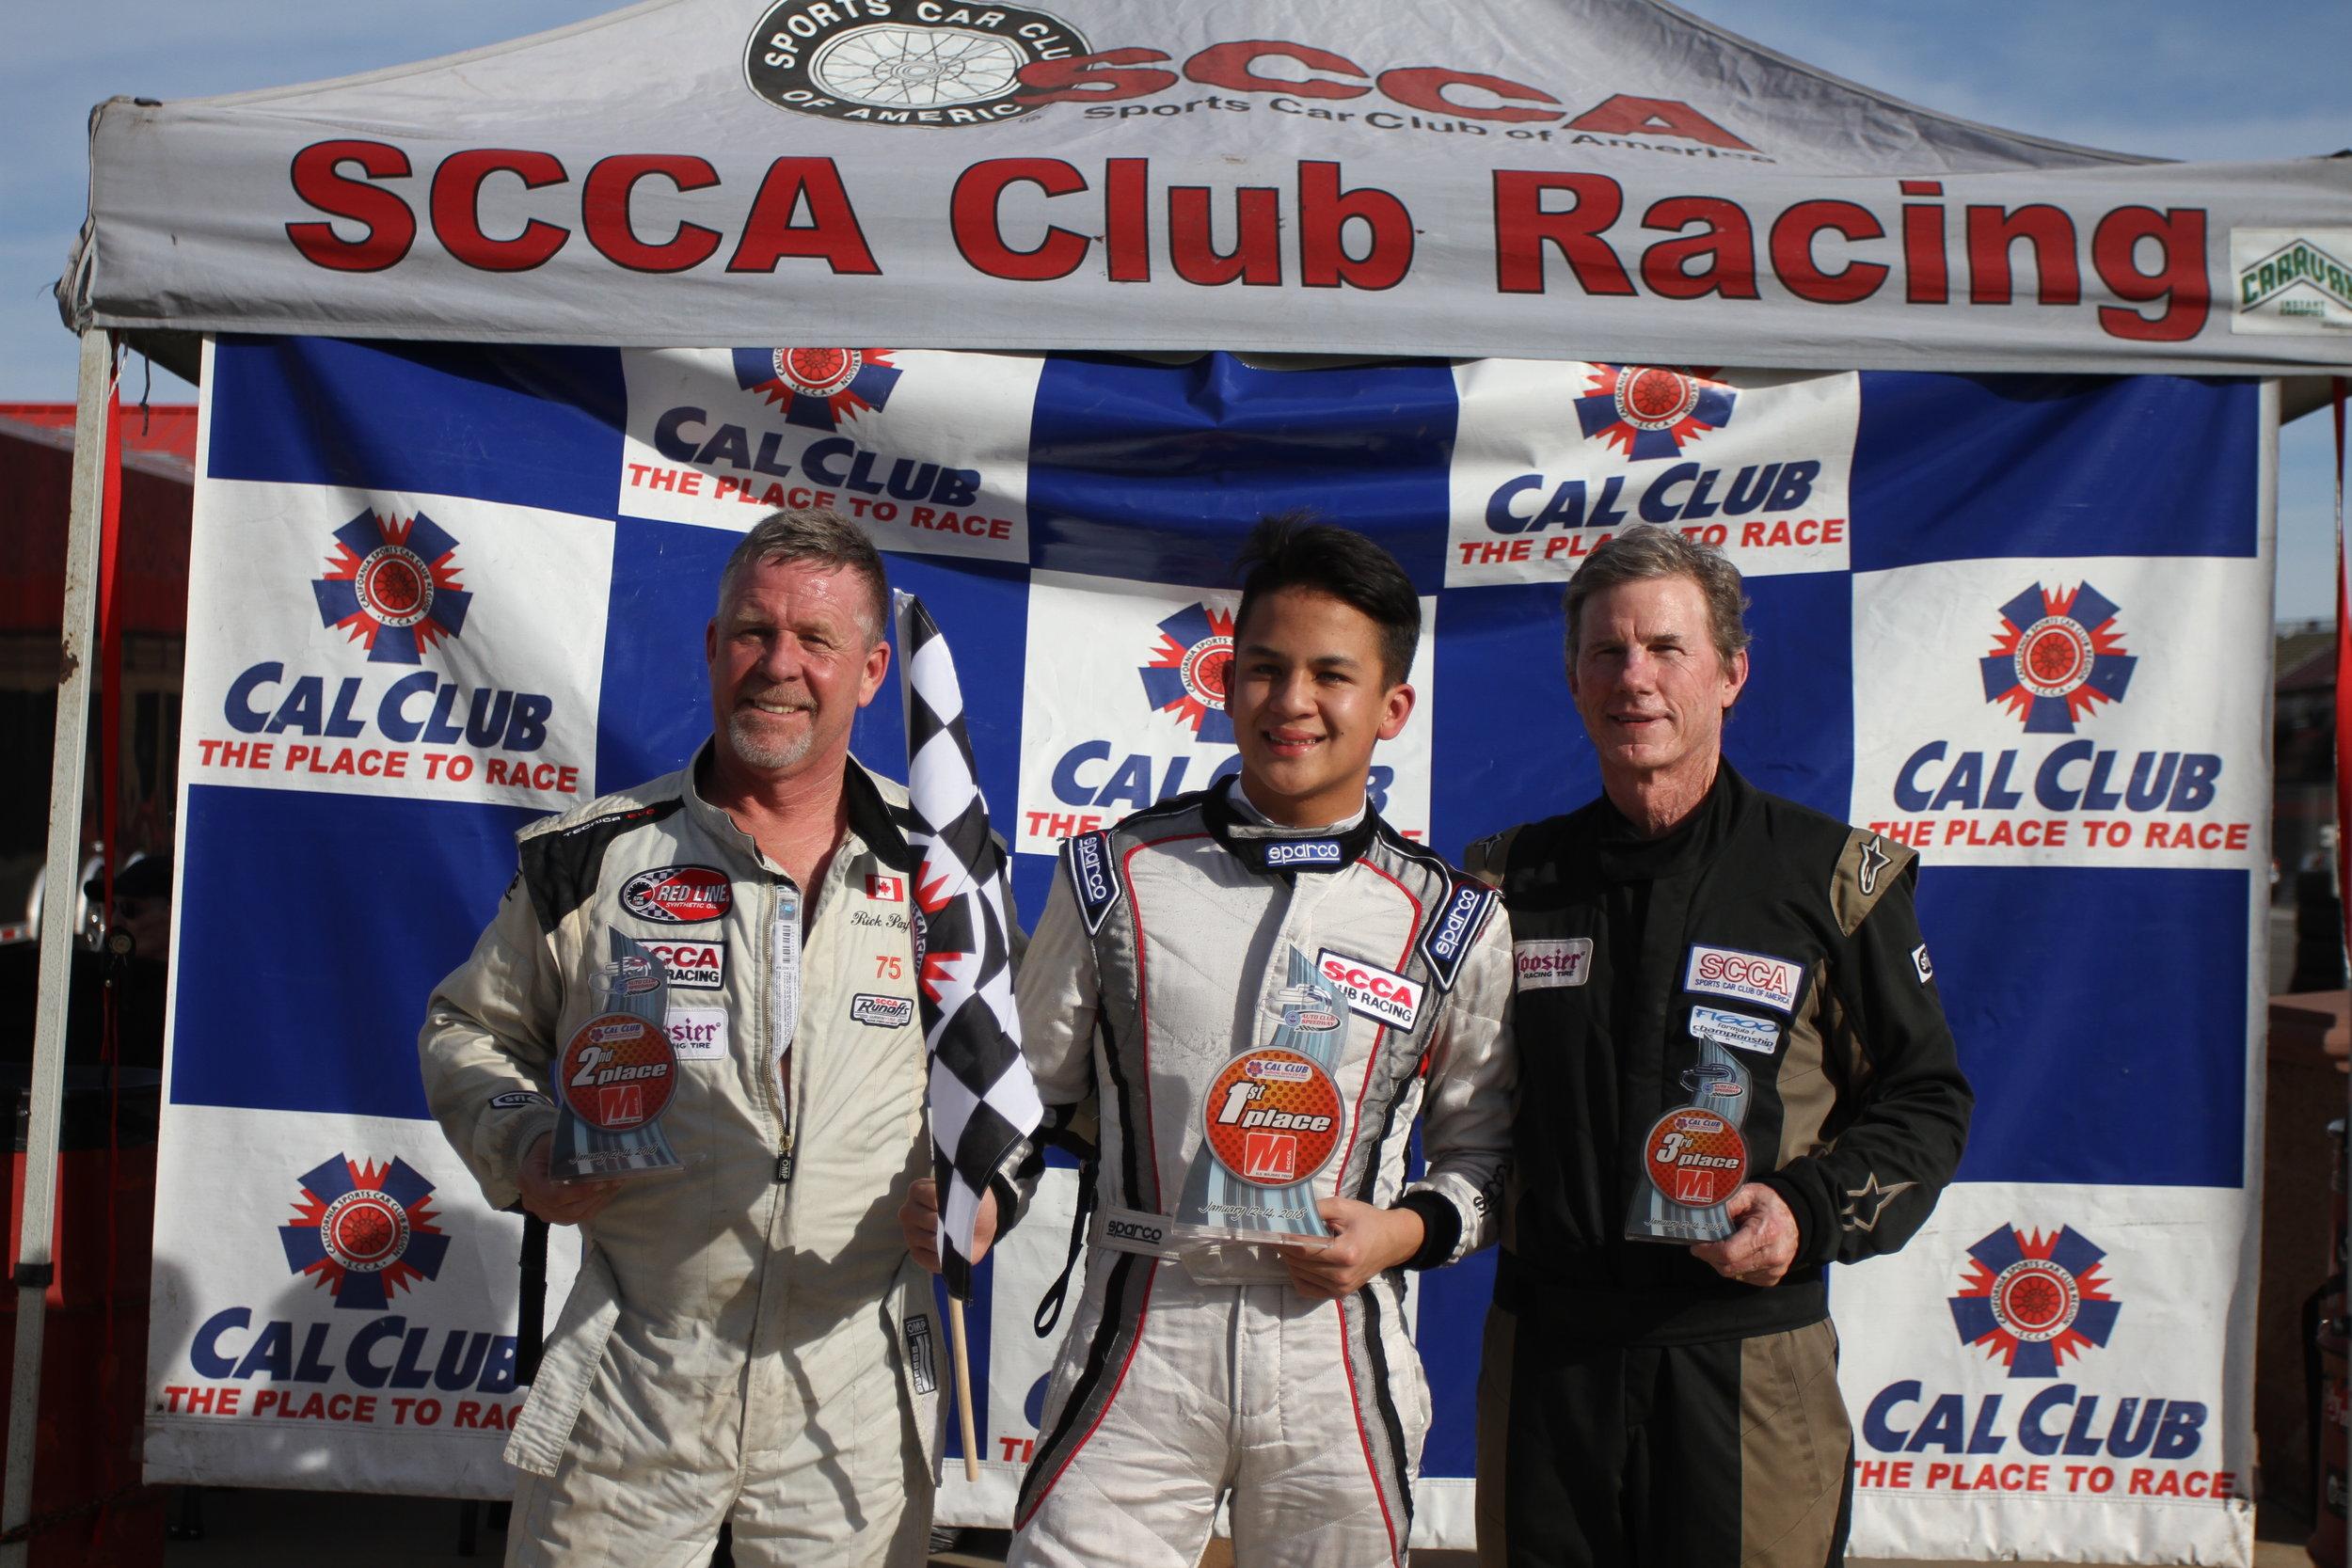 Sunday podium. 2nd Rick Payne, 1st Nicky Hays, 3rd Chuck Horn